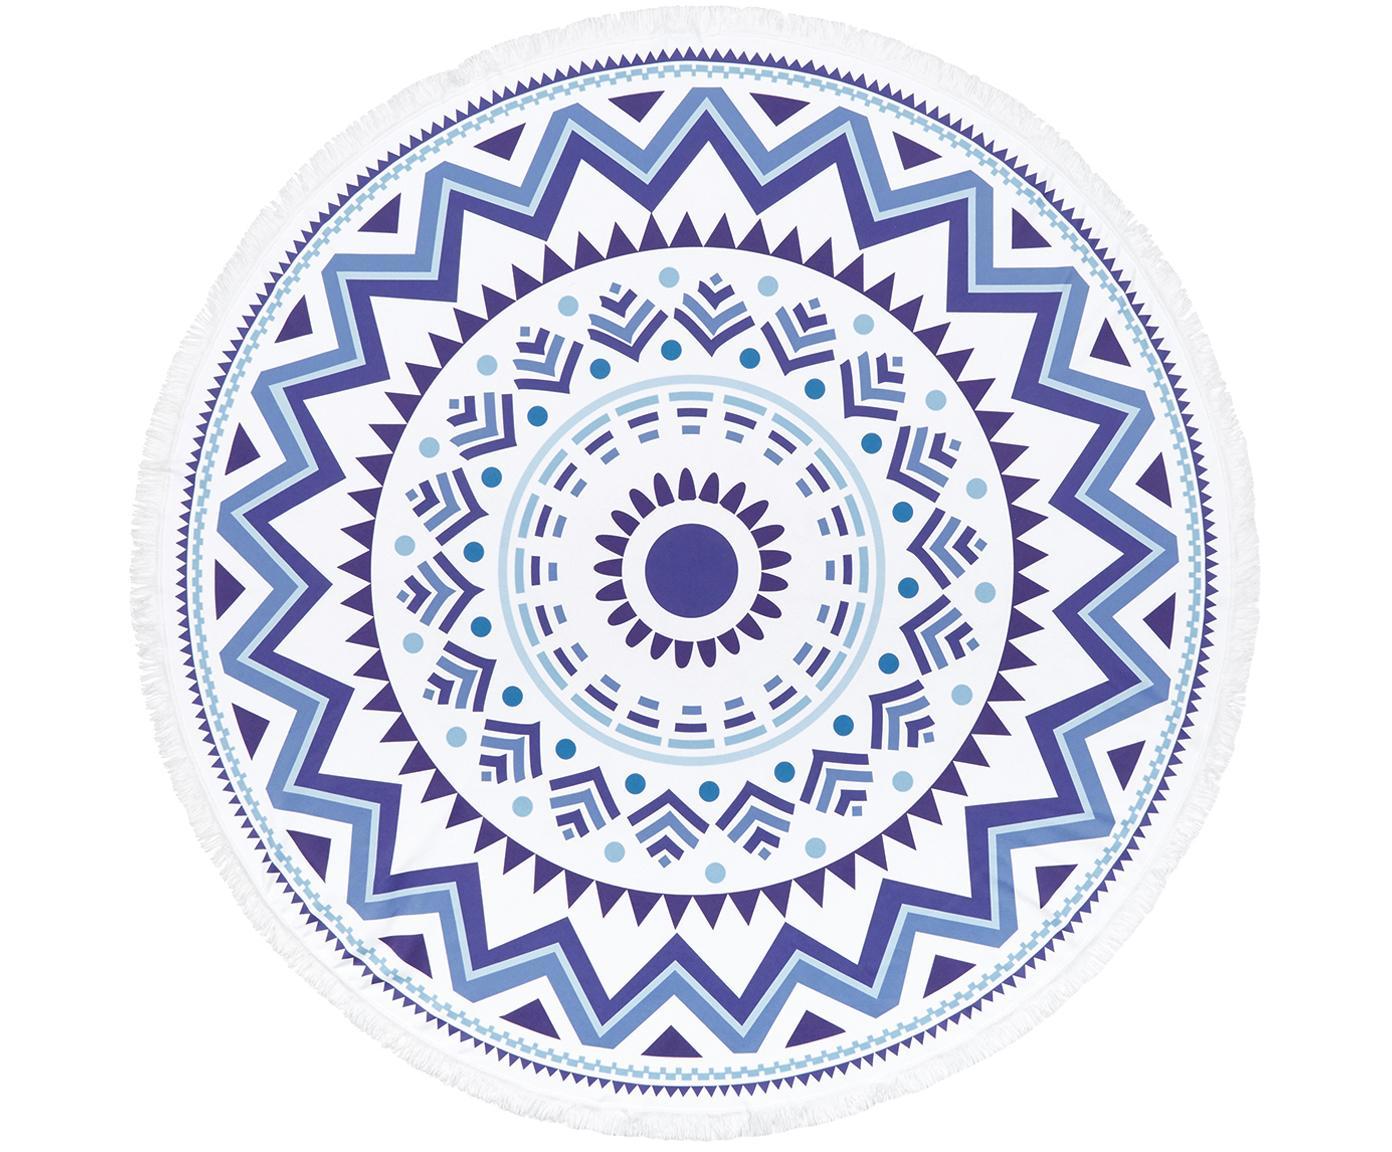 Ręcznik plażowy Hippie, 55% poliester, 45% bawełna Bardzo niska gramatura 340 g/m², Ciemny niebieski, jasny niebieski, biały, Ø 150 cm